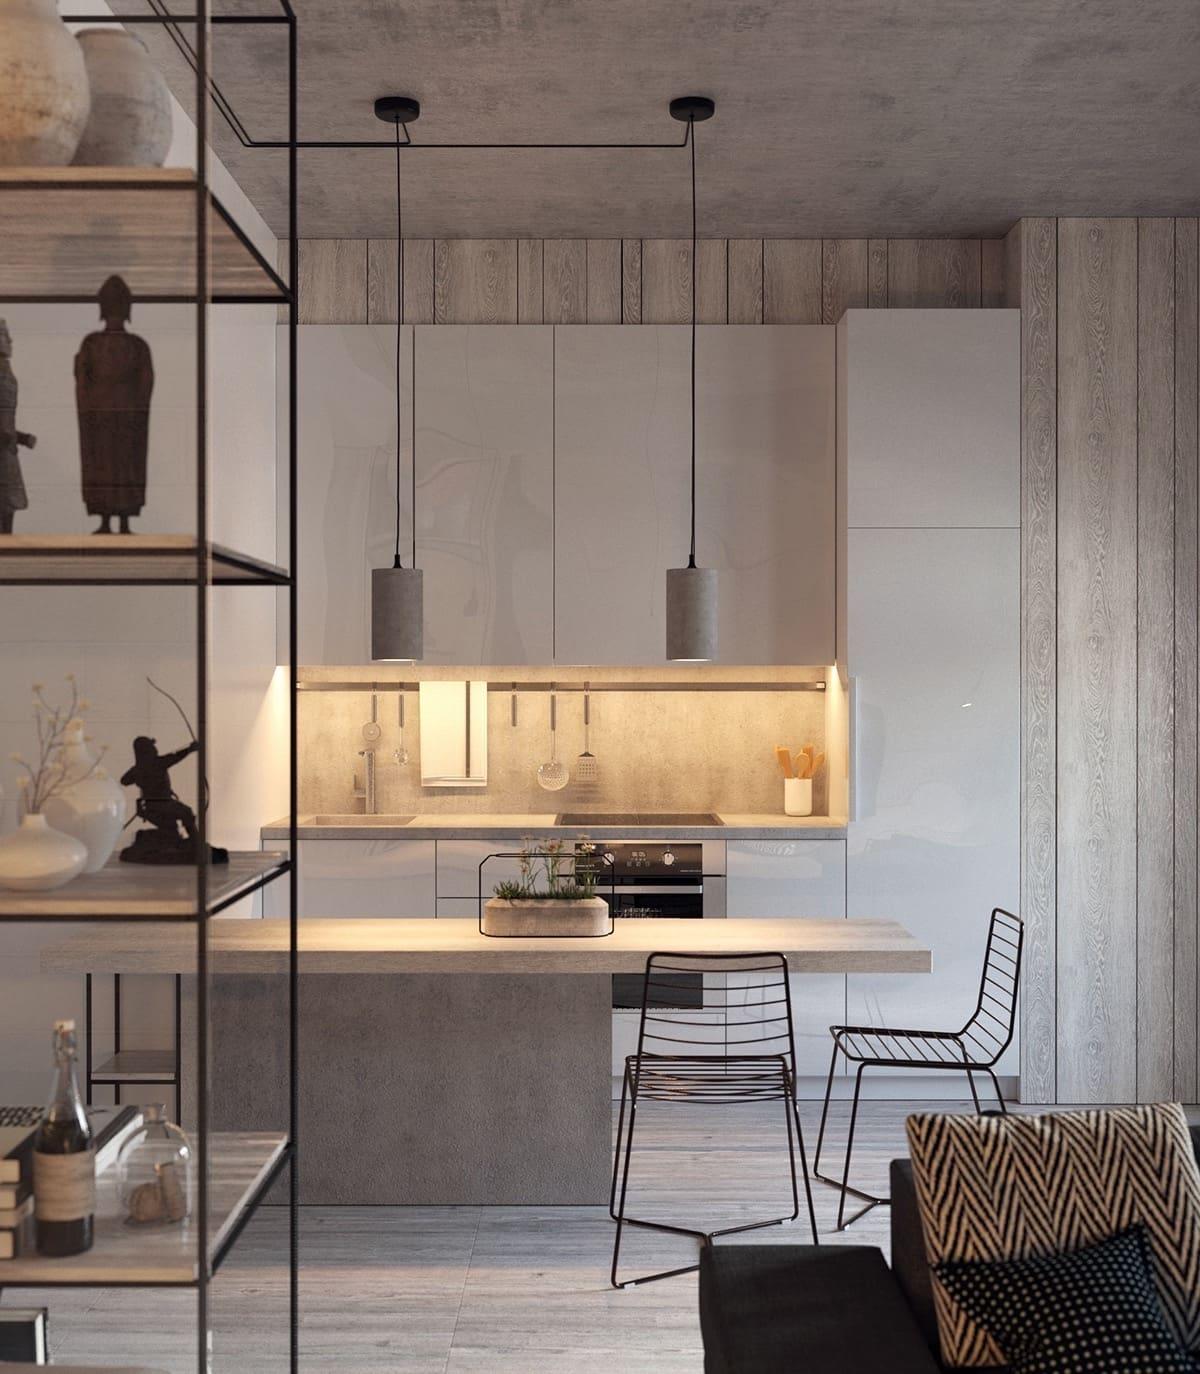 Светодиодная подсветка рабочей зоны хорошо подойдет как для современного, так и классического интерьера кухни в сером цвете